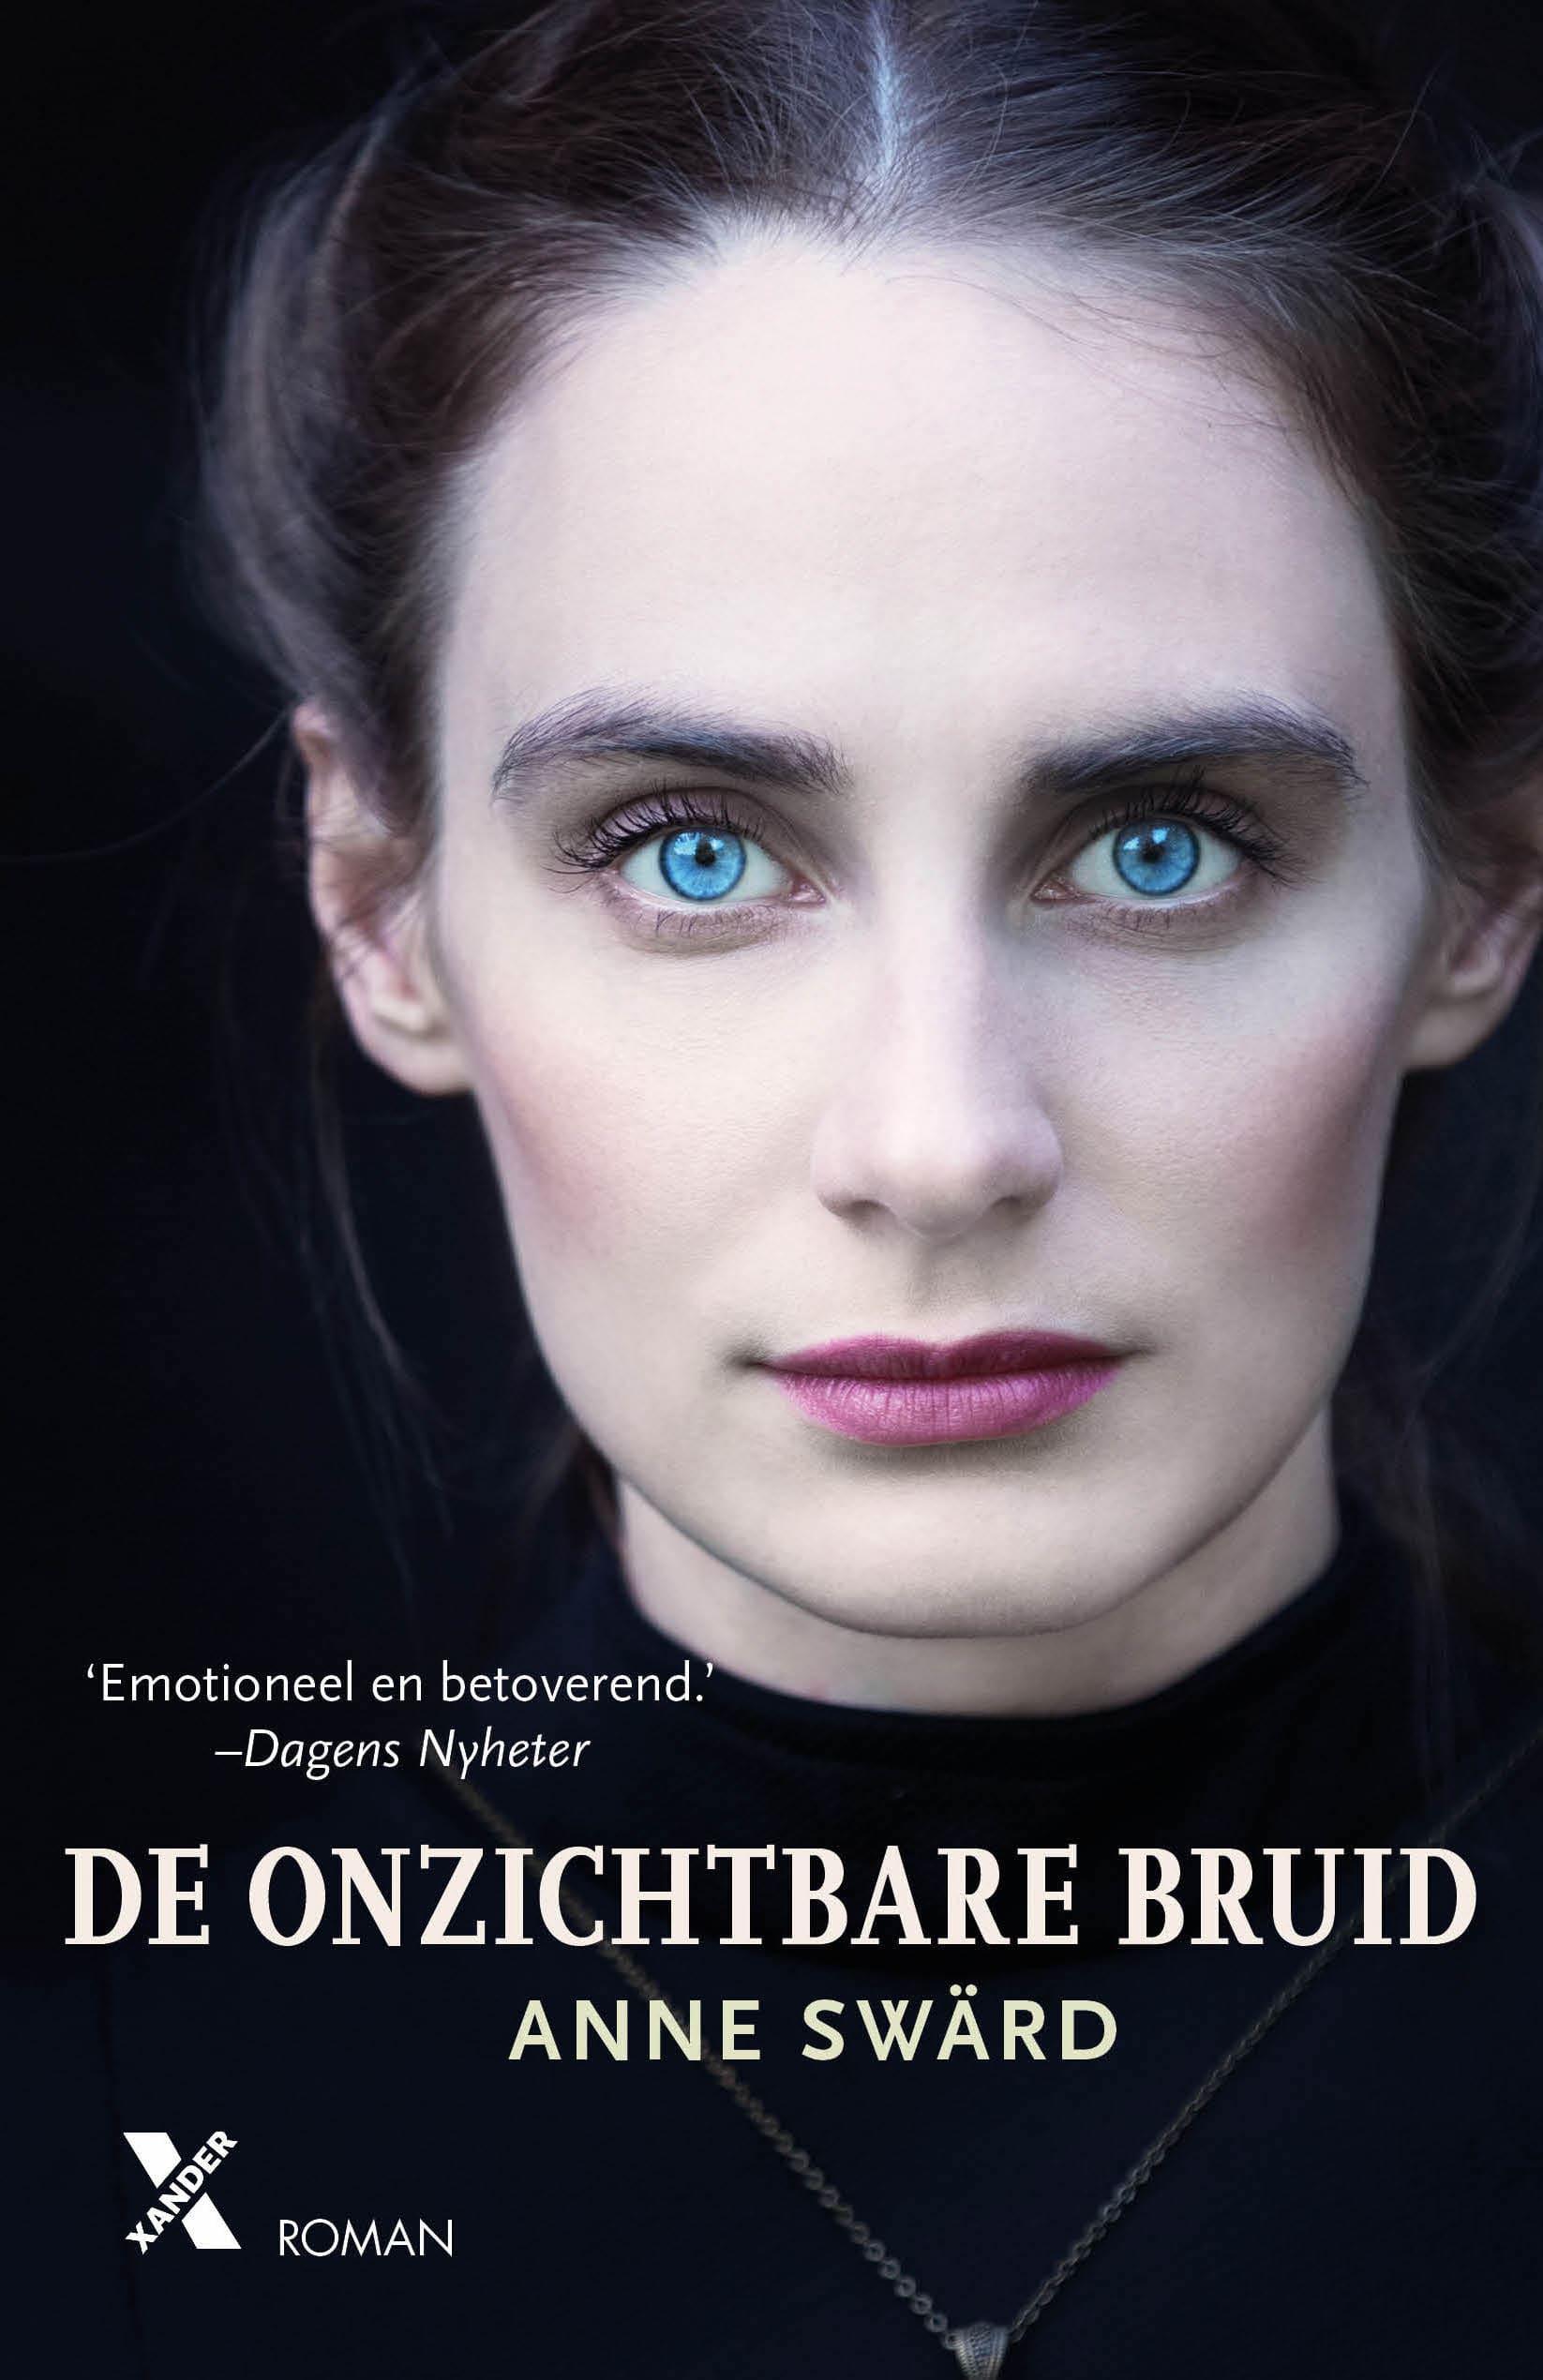 De-onzichtbare-bruid_anne-sward